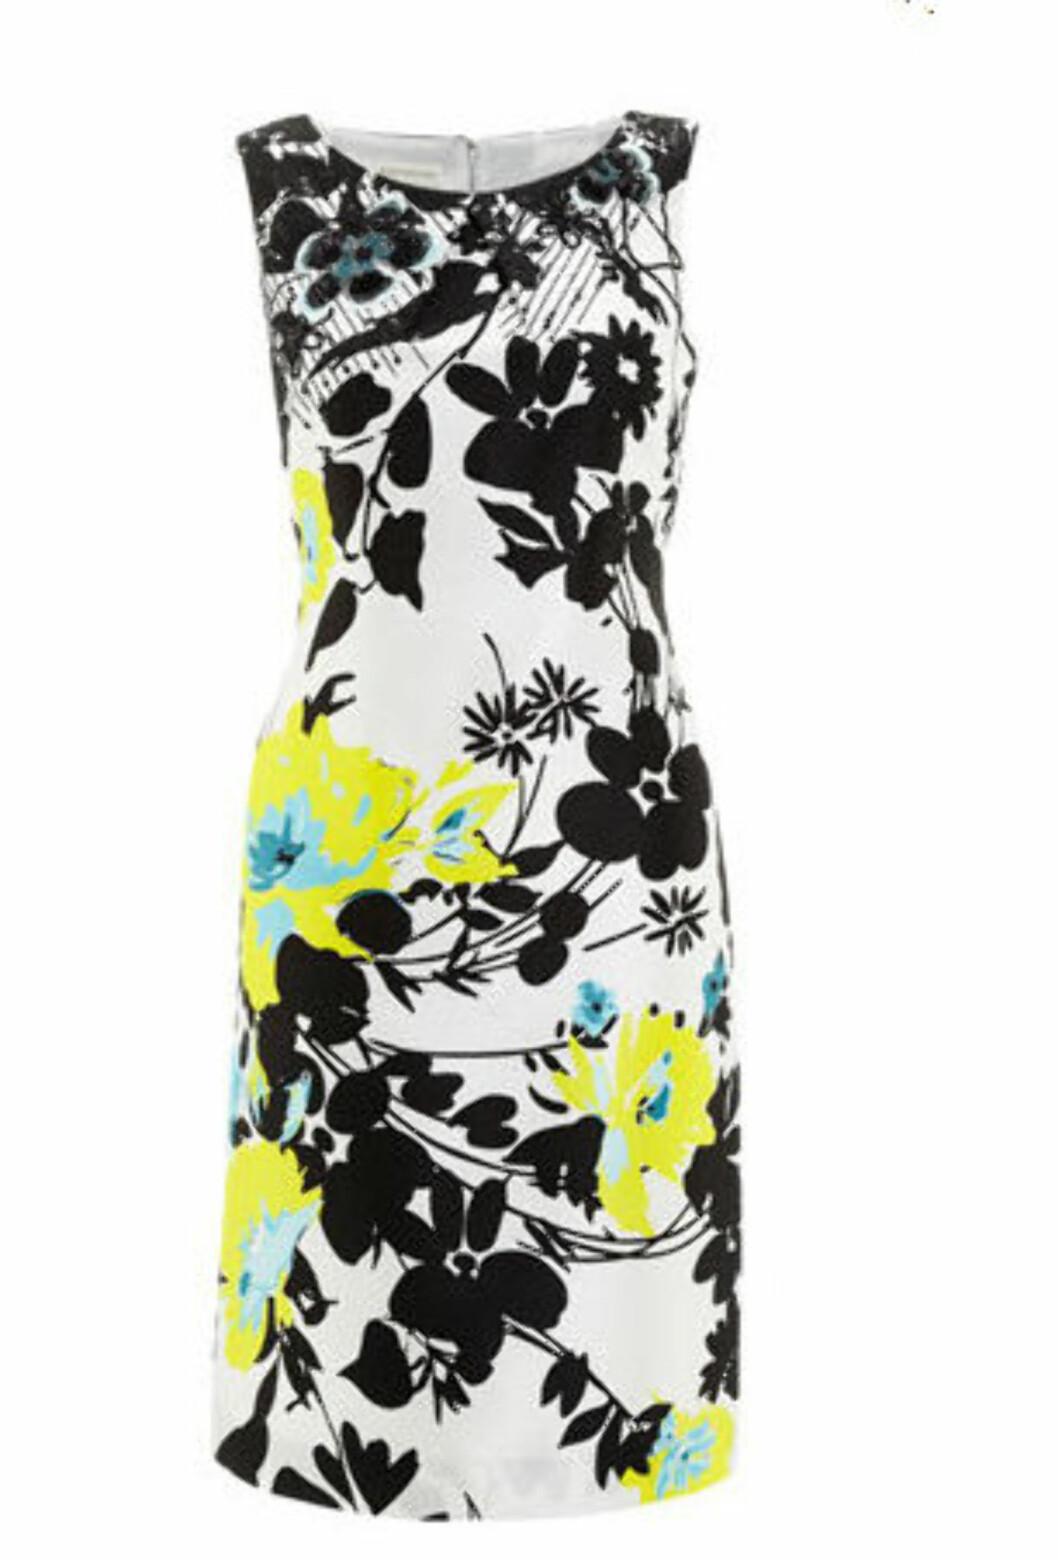 Etttersittende kjole med blomstermønster (kr 999/Monsoon). Foto: Produsent